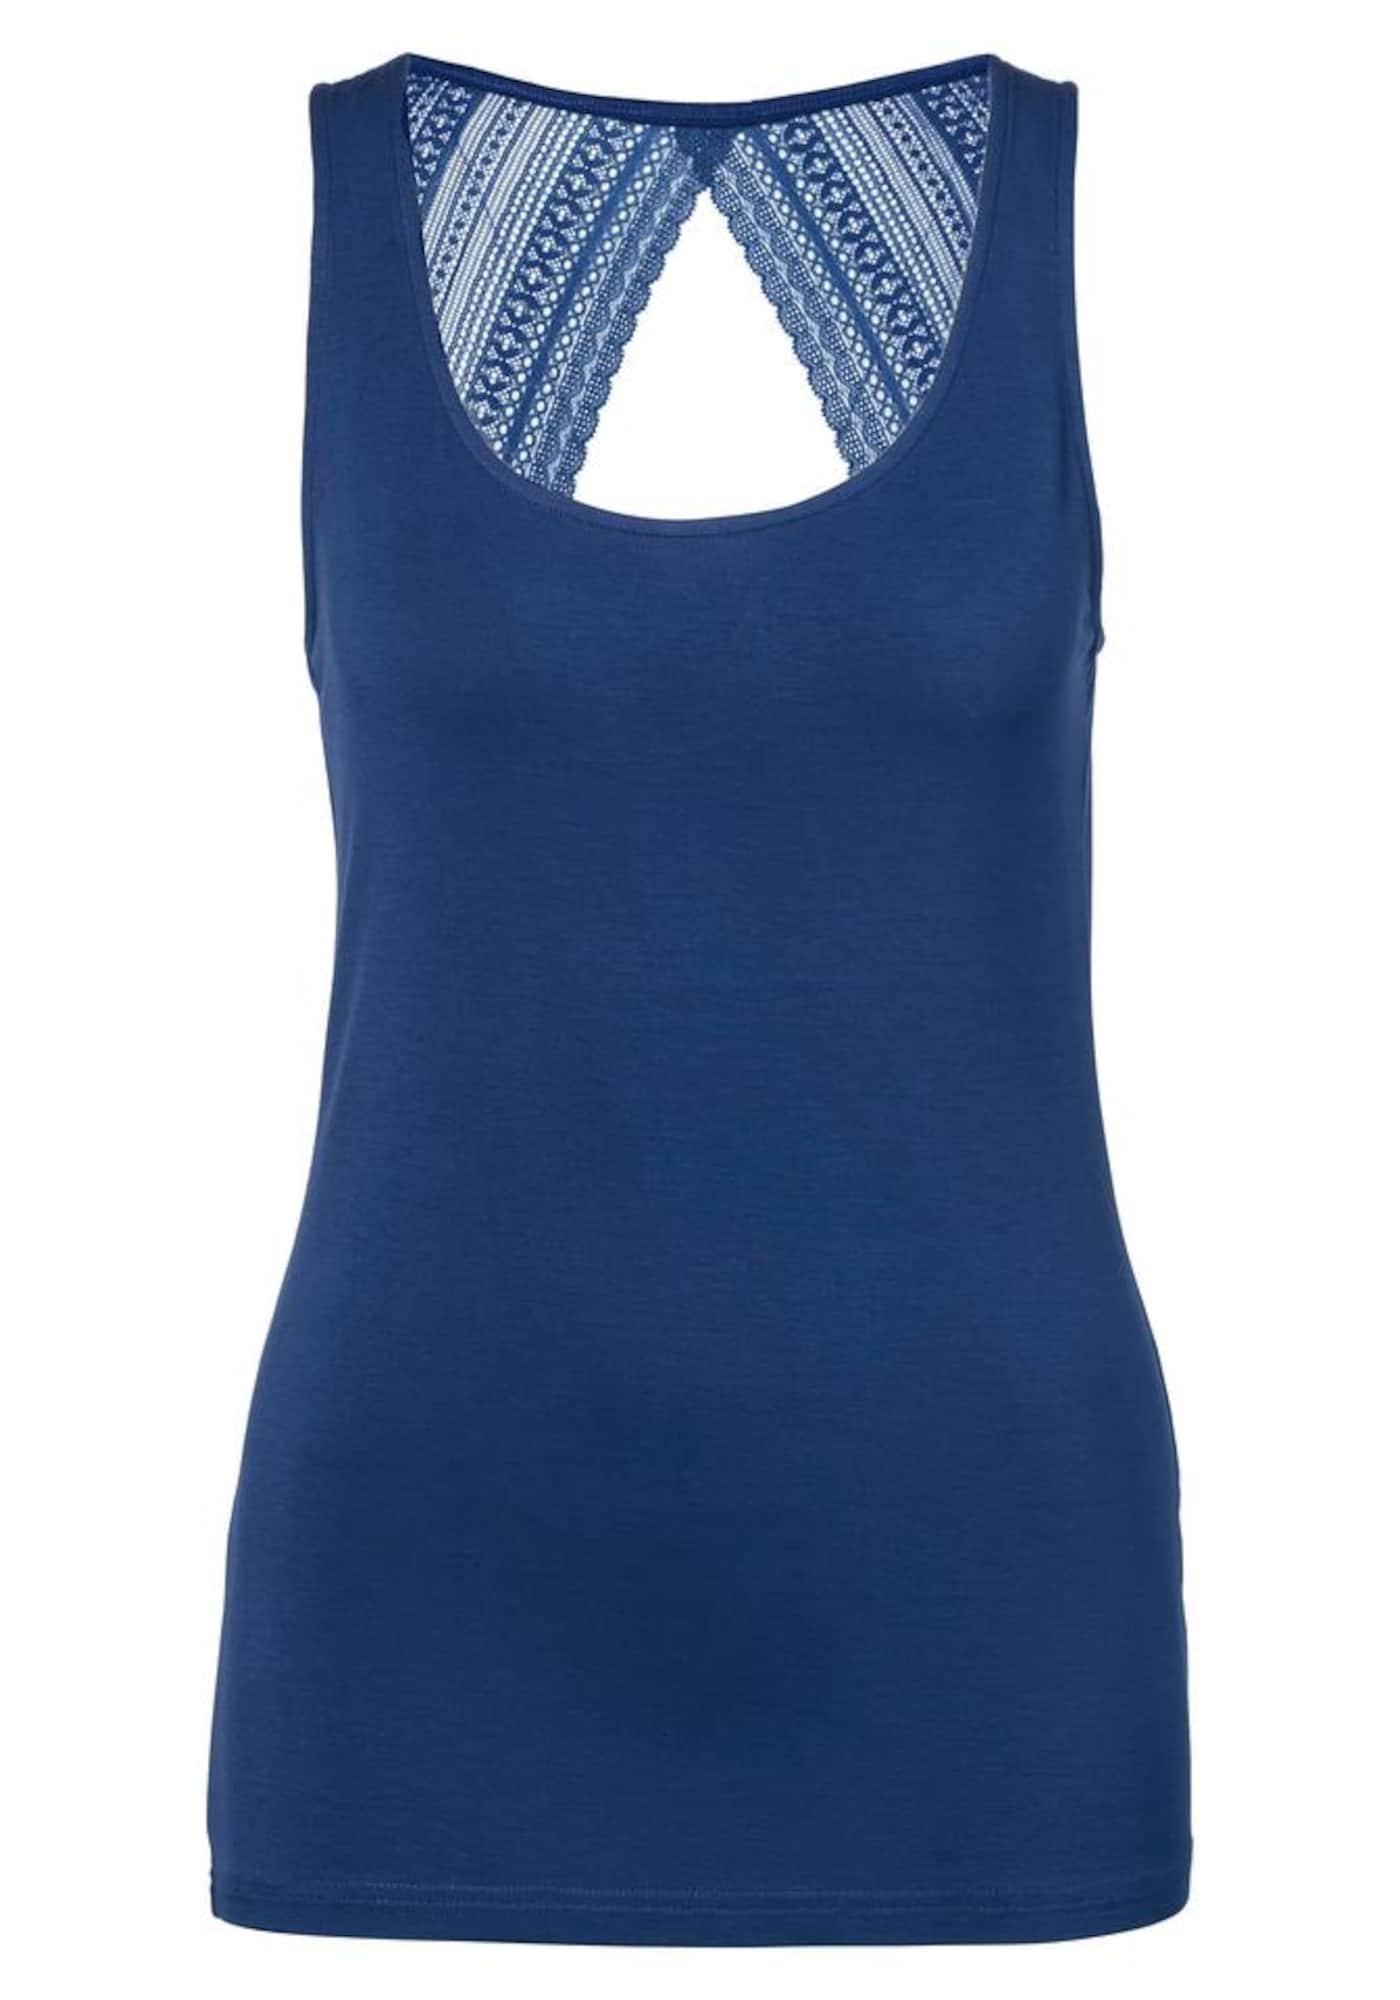 s.Oliver Apatiniai marškinėliai mėlyna